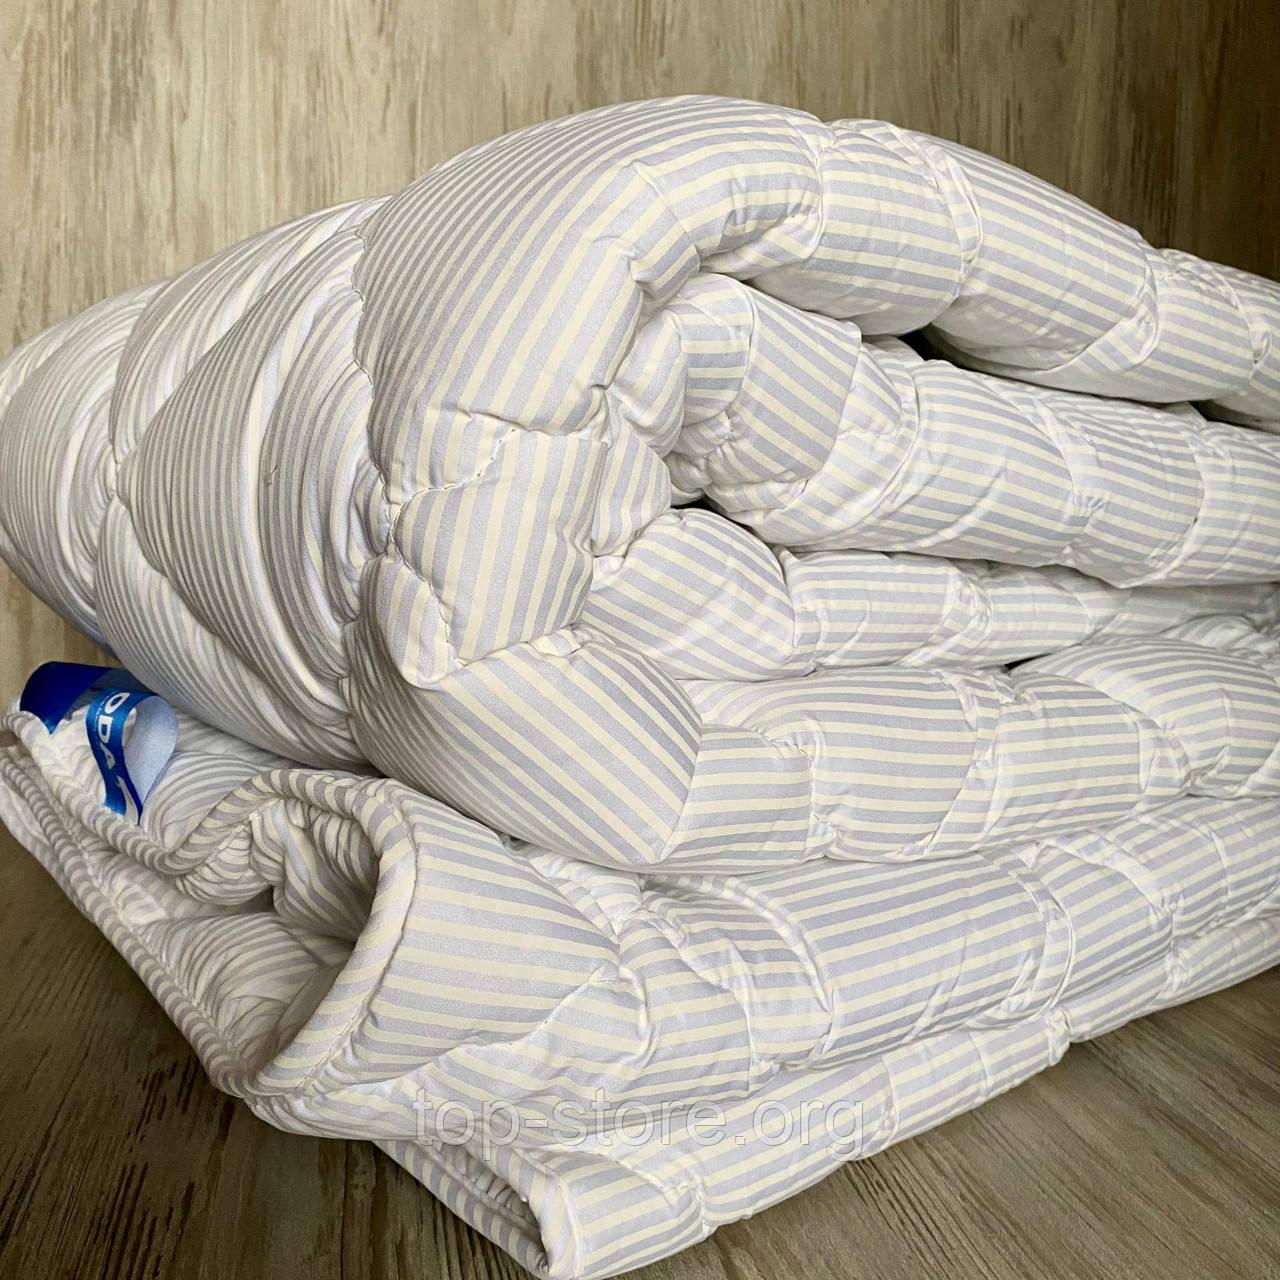 Одеяло на холлофайбере ОДА двуспального размера 175х210 Стеганное зимнее одеяло высокого качества Цвет - Белый